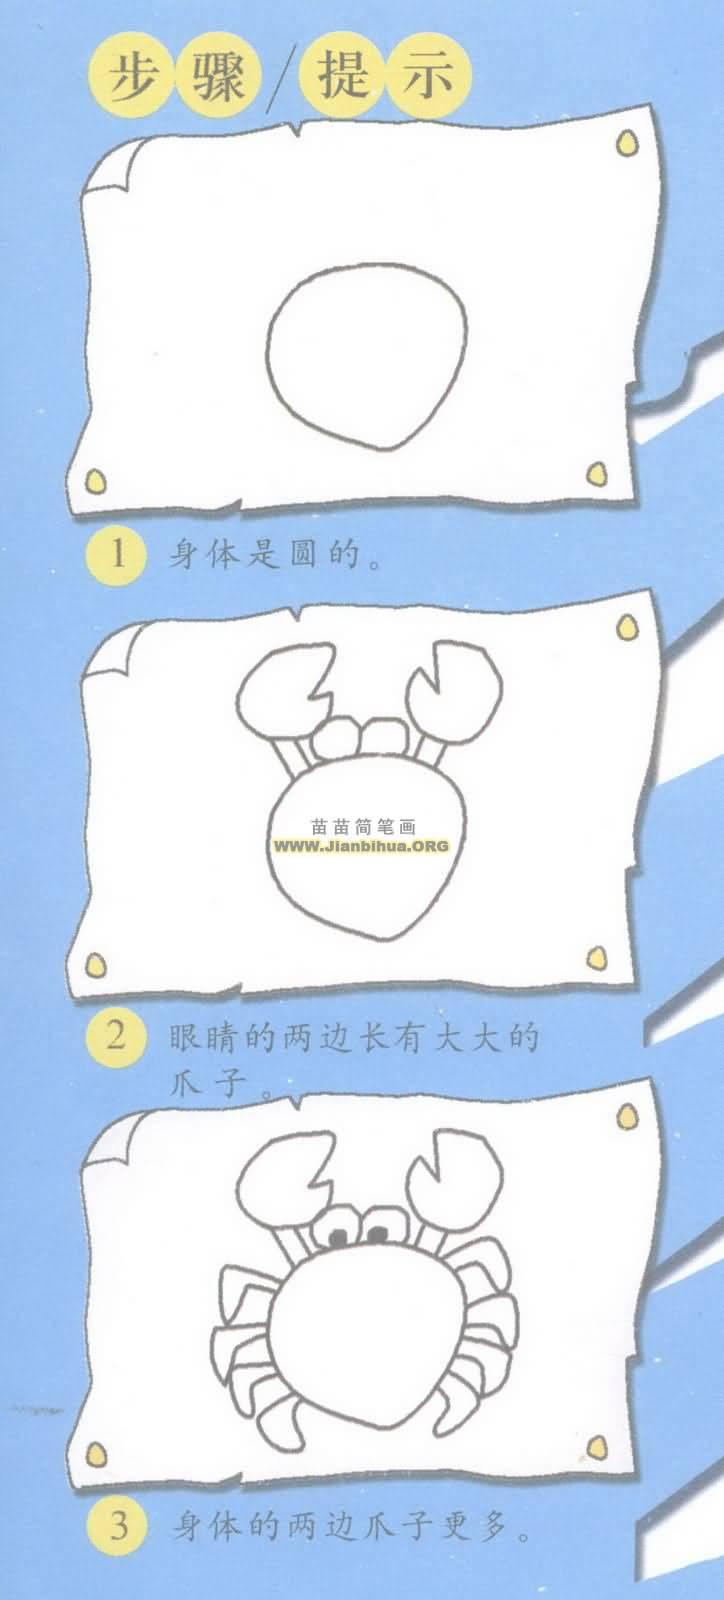 螃蟹简笔画